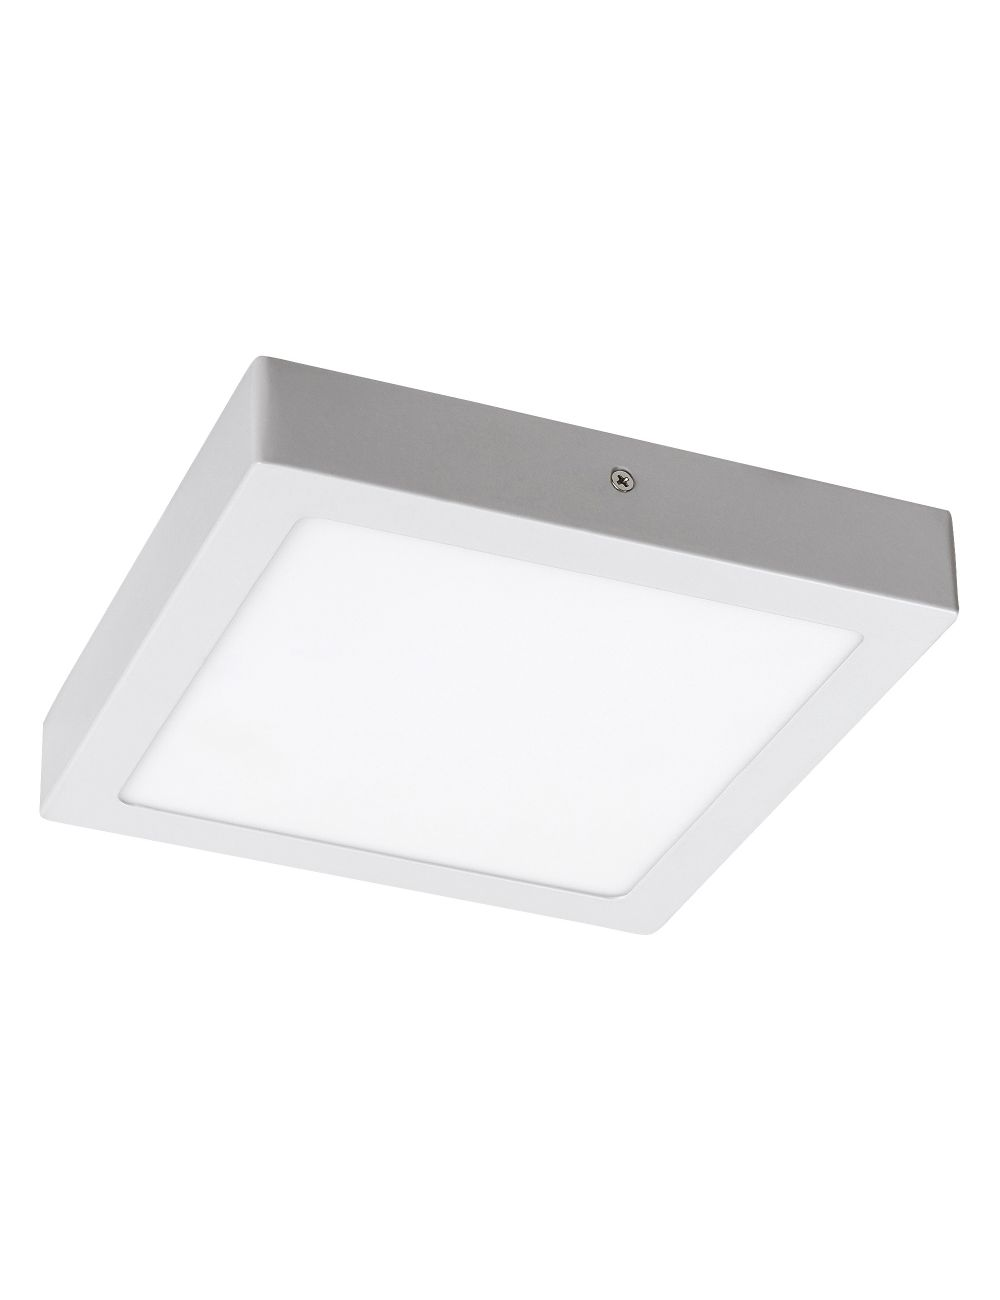 Plafon sufitowy ledowy kwadratowy natynkowy 22 cm Lois biały Rabalux 2664